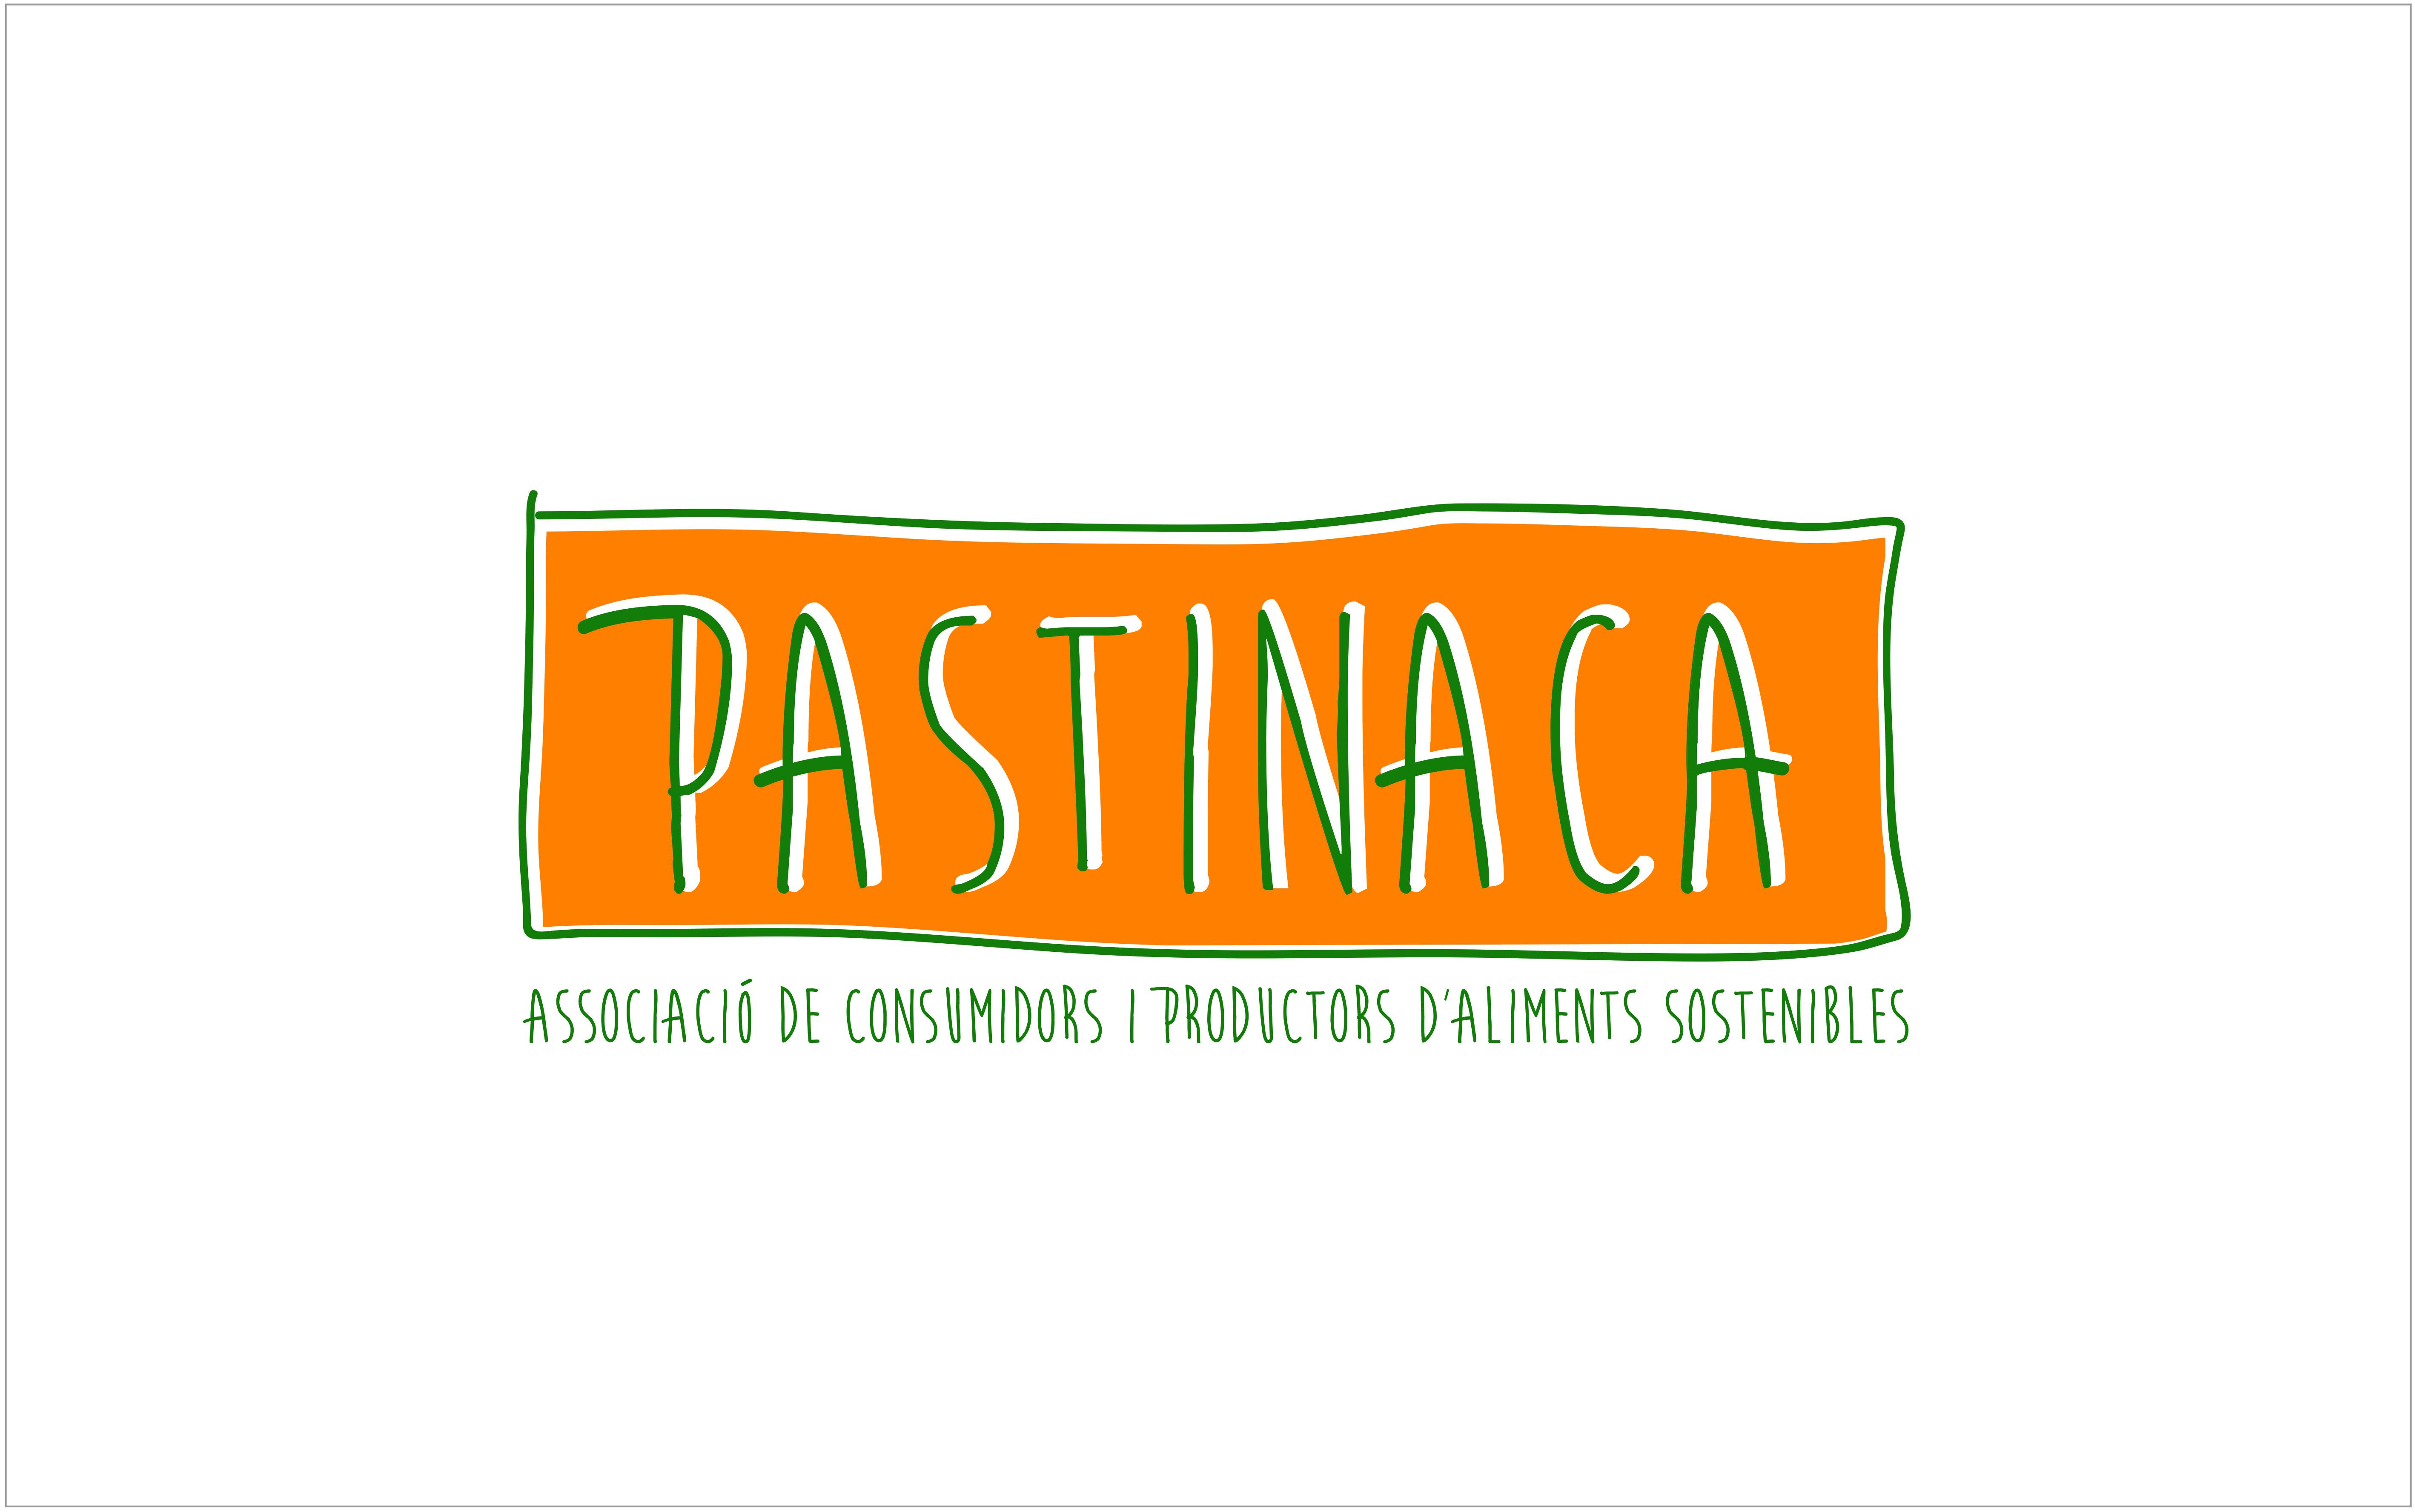 LOGO PASTINACA